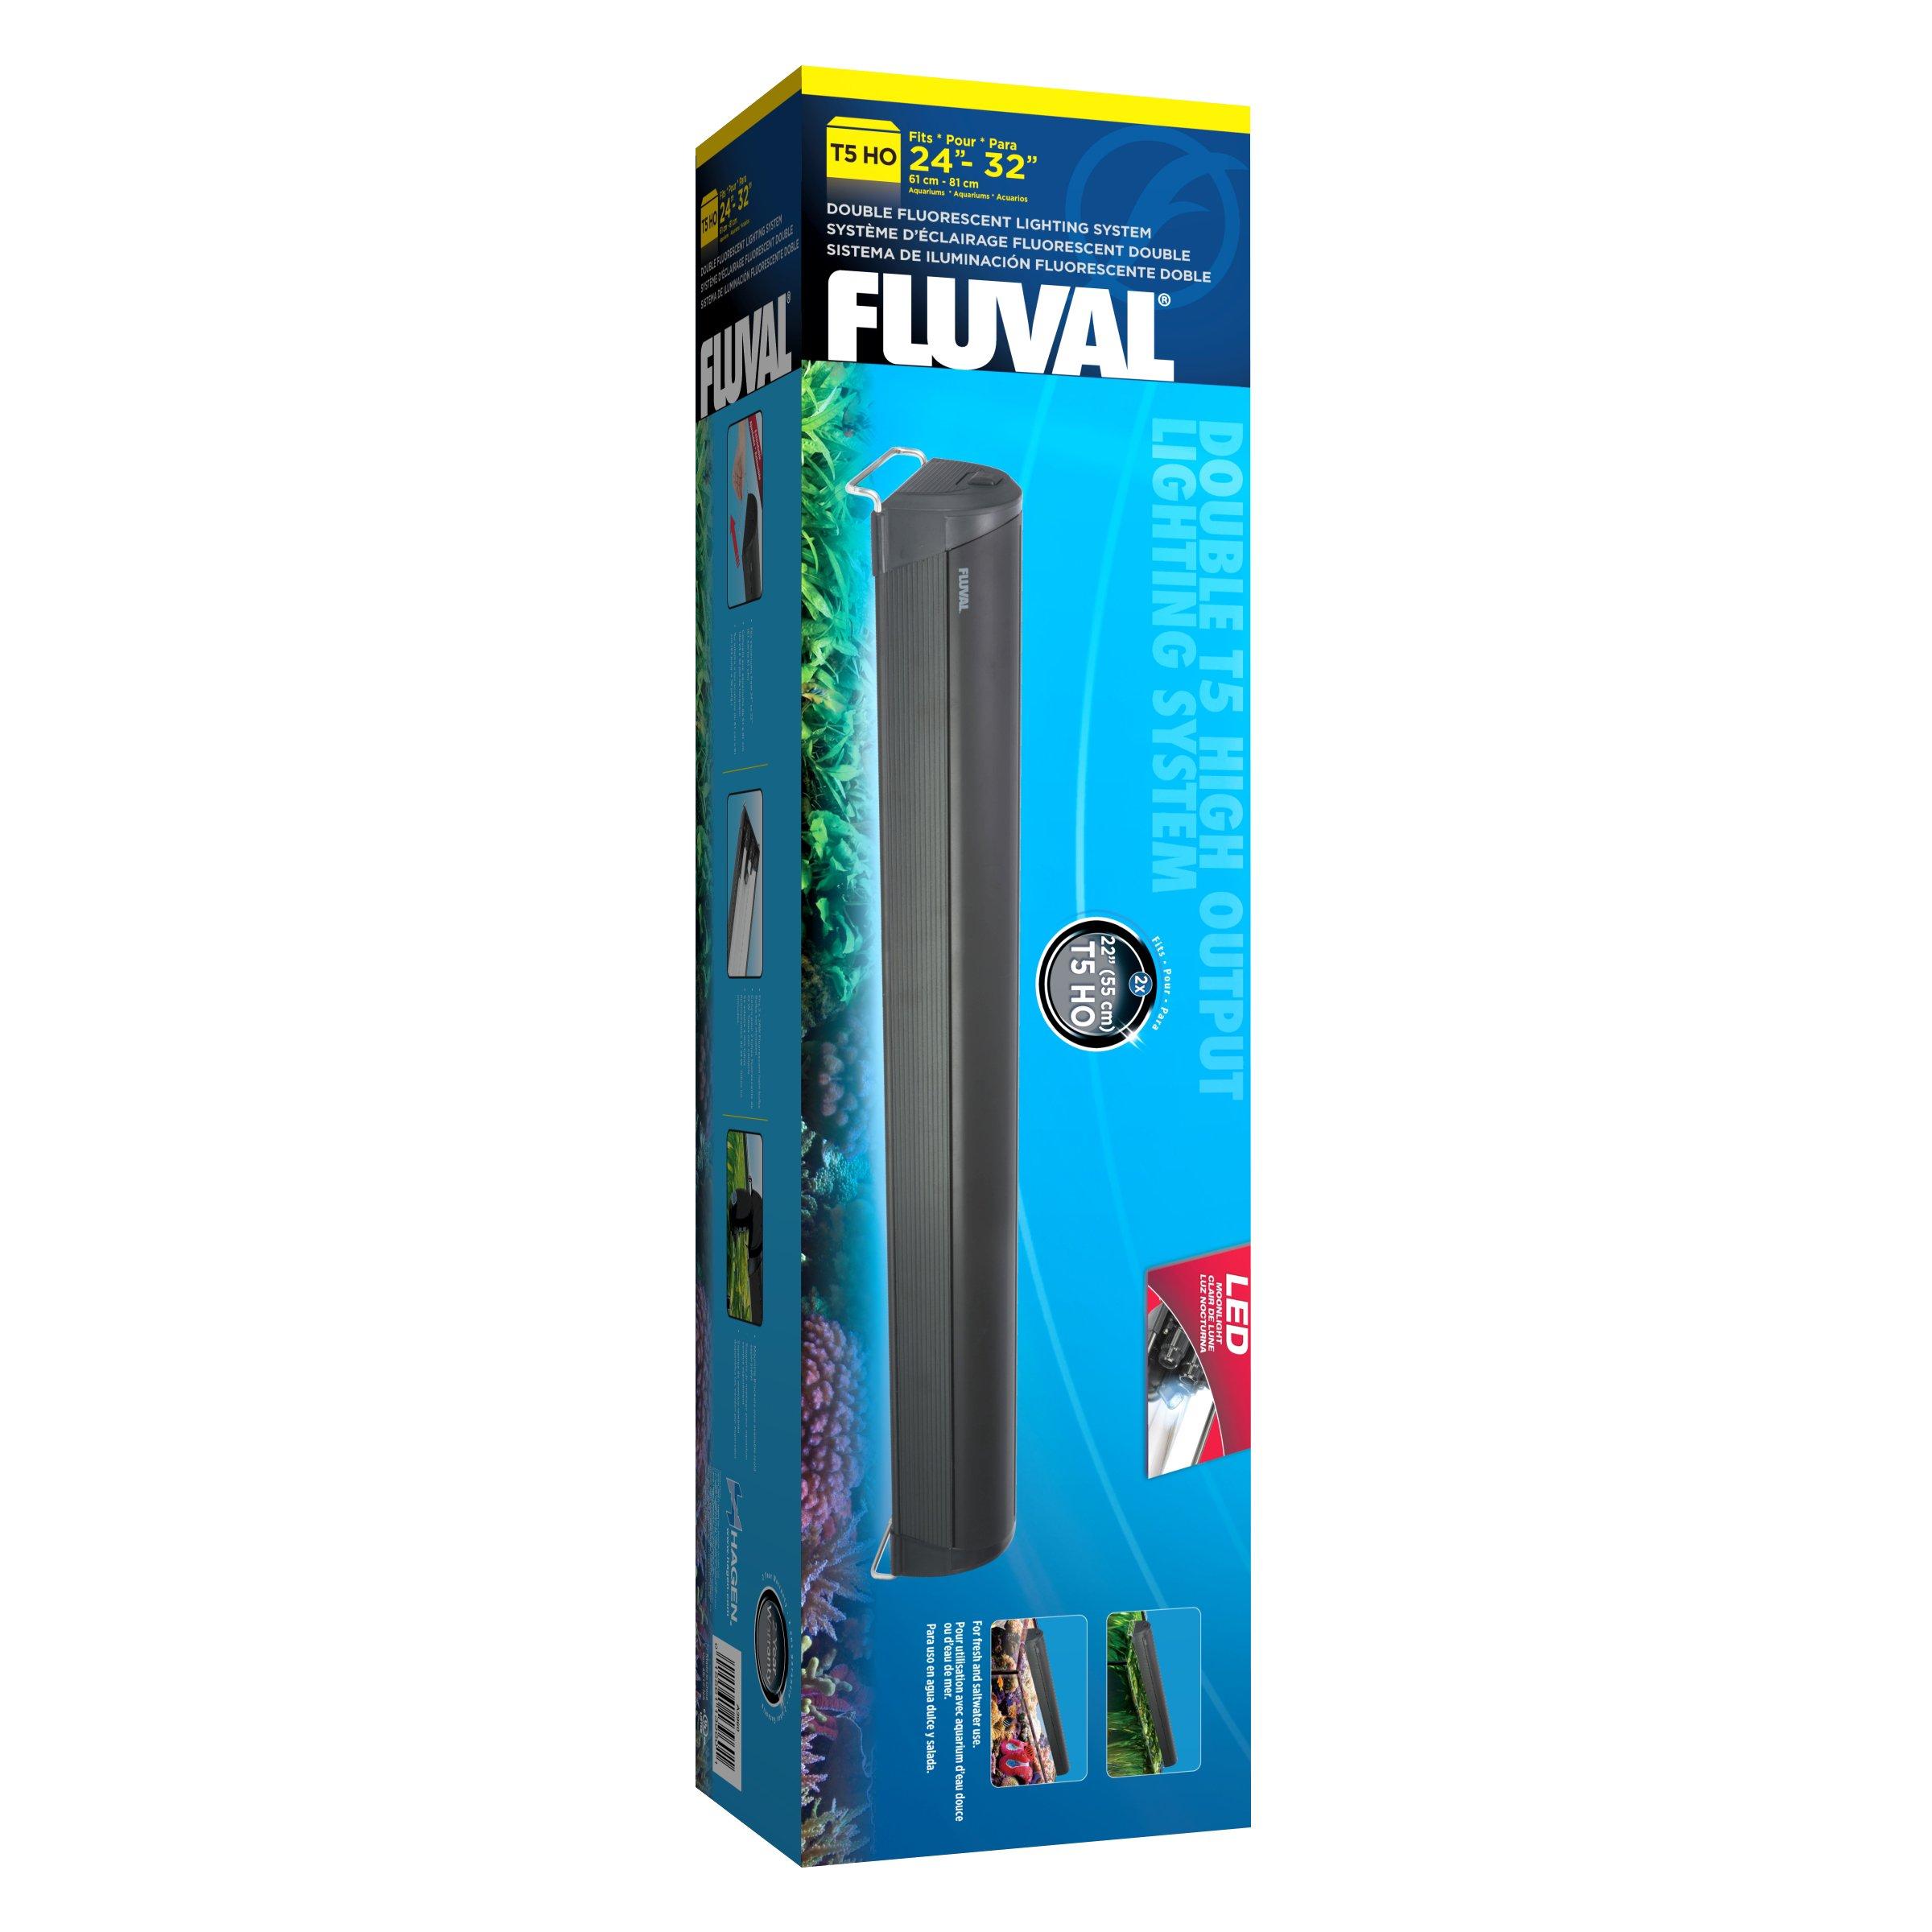 Fluval T5 Double Lamp Aquarium Fixture, 24-Inch